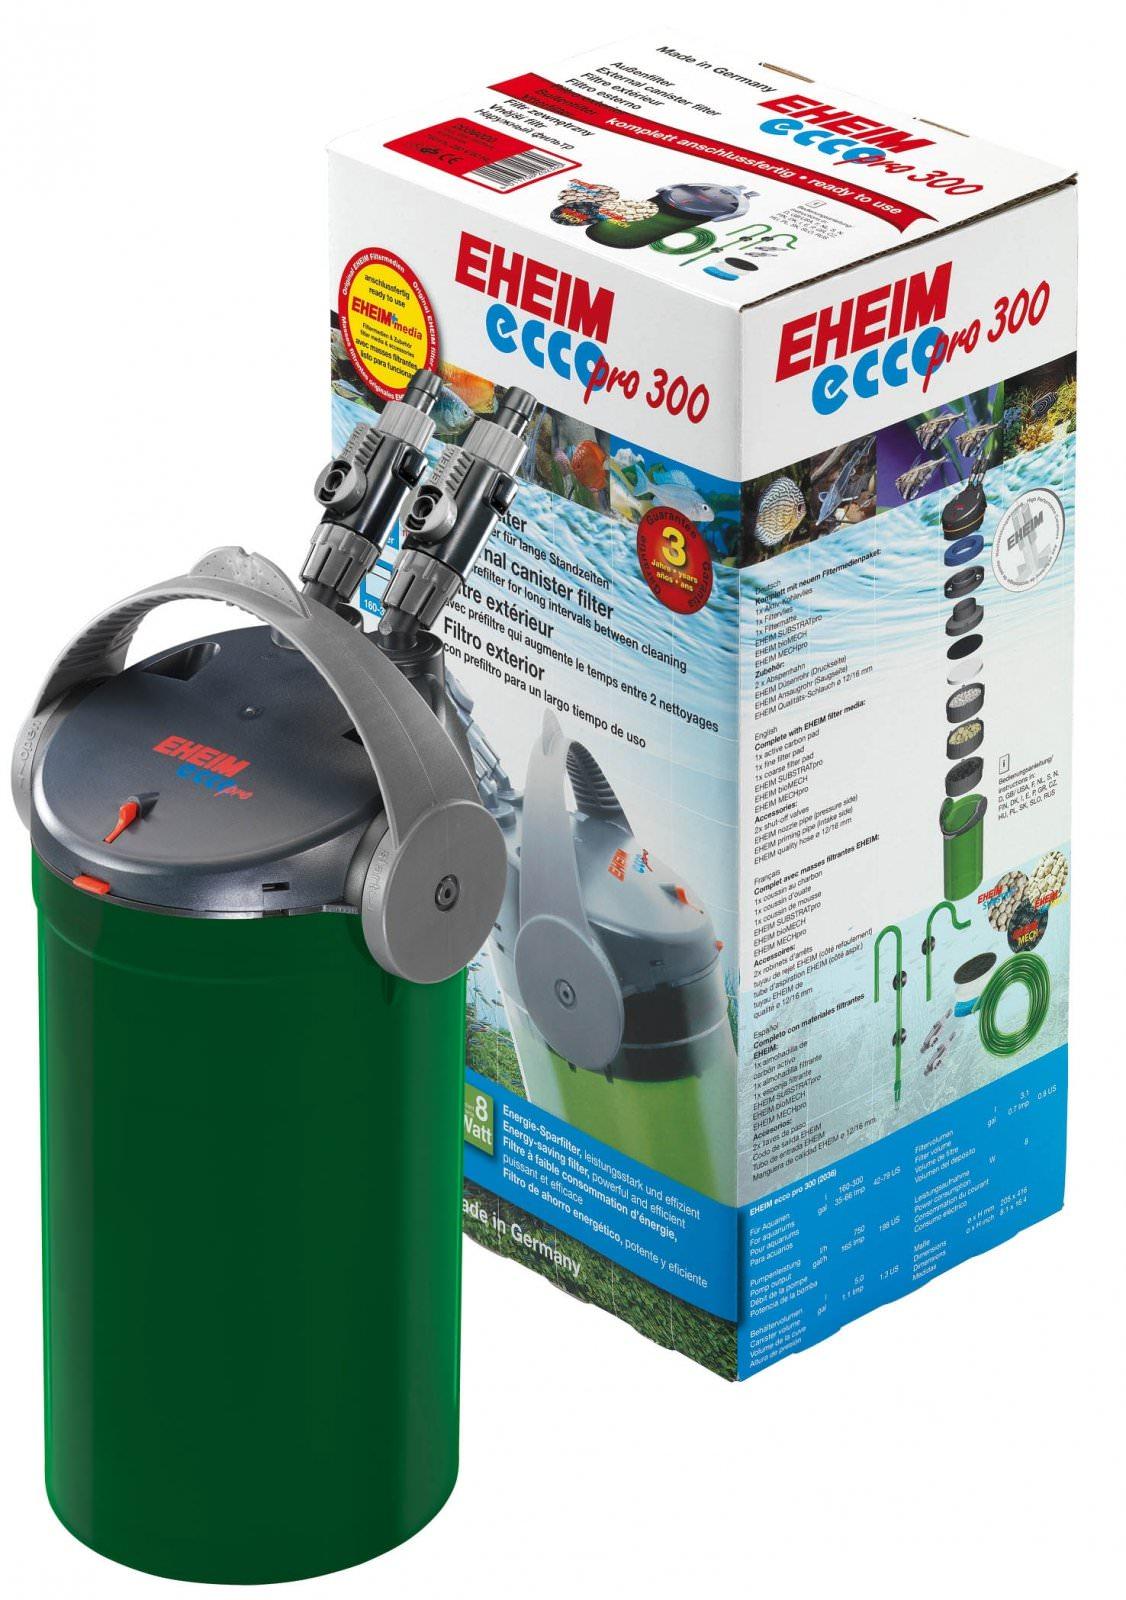 EHEIM Ecco Pro 300 filtre externe avec masse et mousses filtrantes aquarium entre 160 et 300L